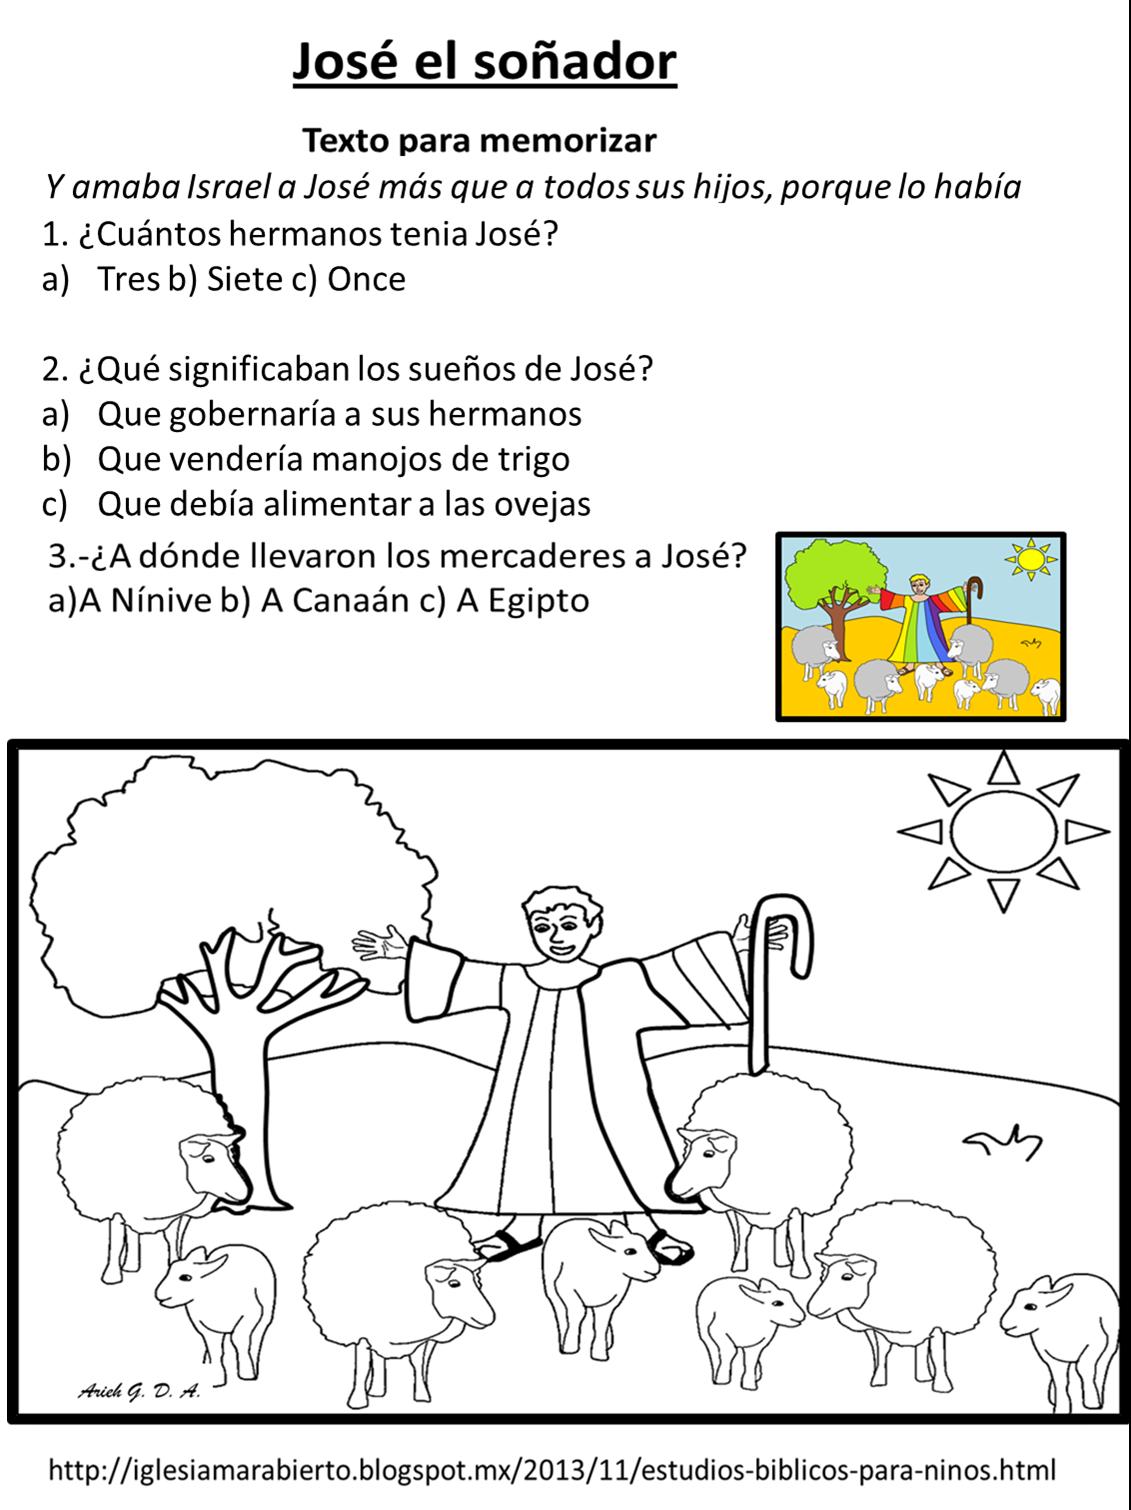 IGLESIA MAR ABIERTO: Estudio bíblico para niños - José el